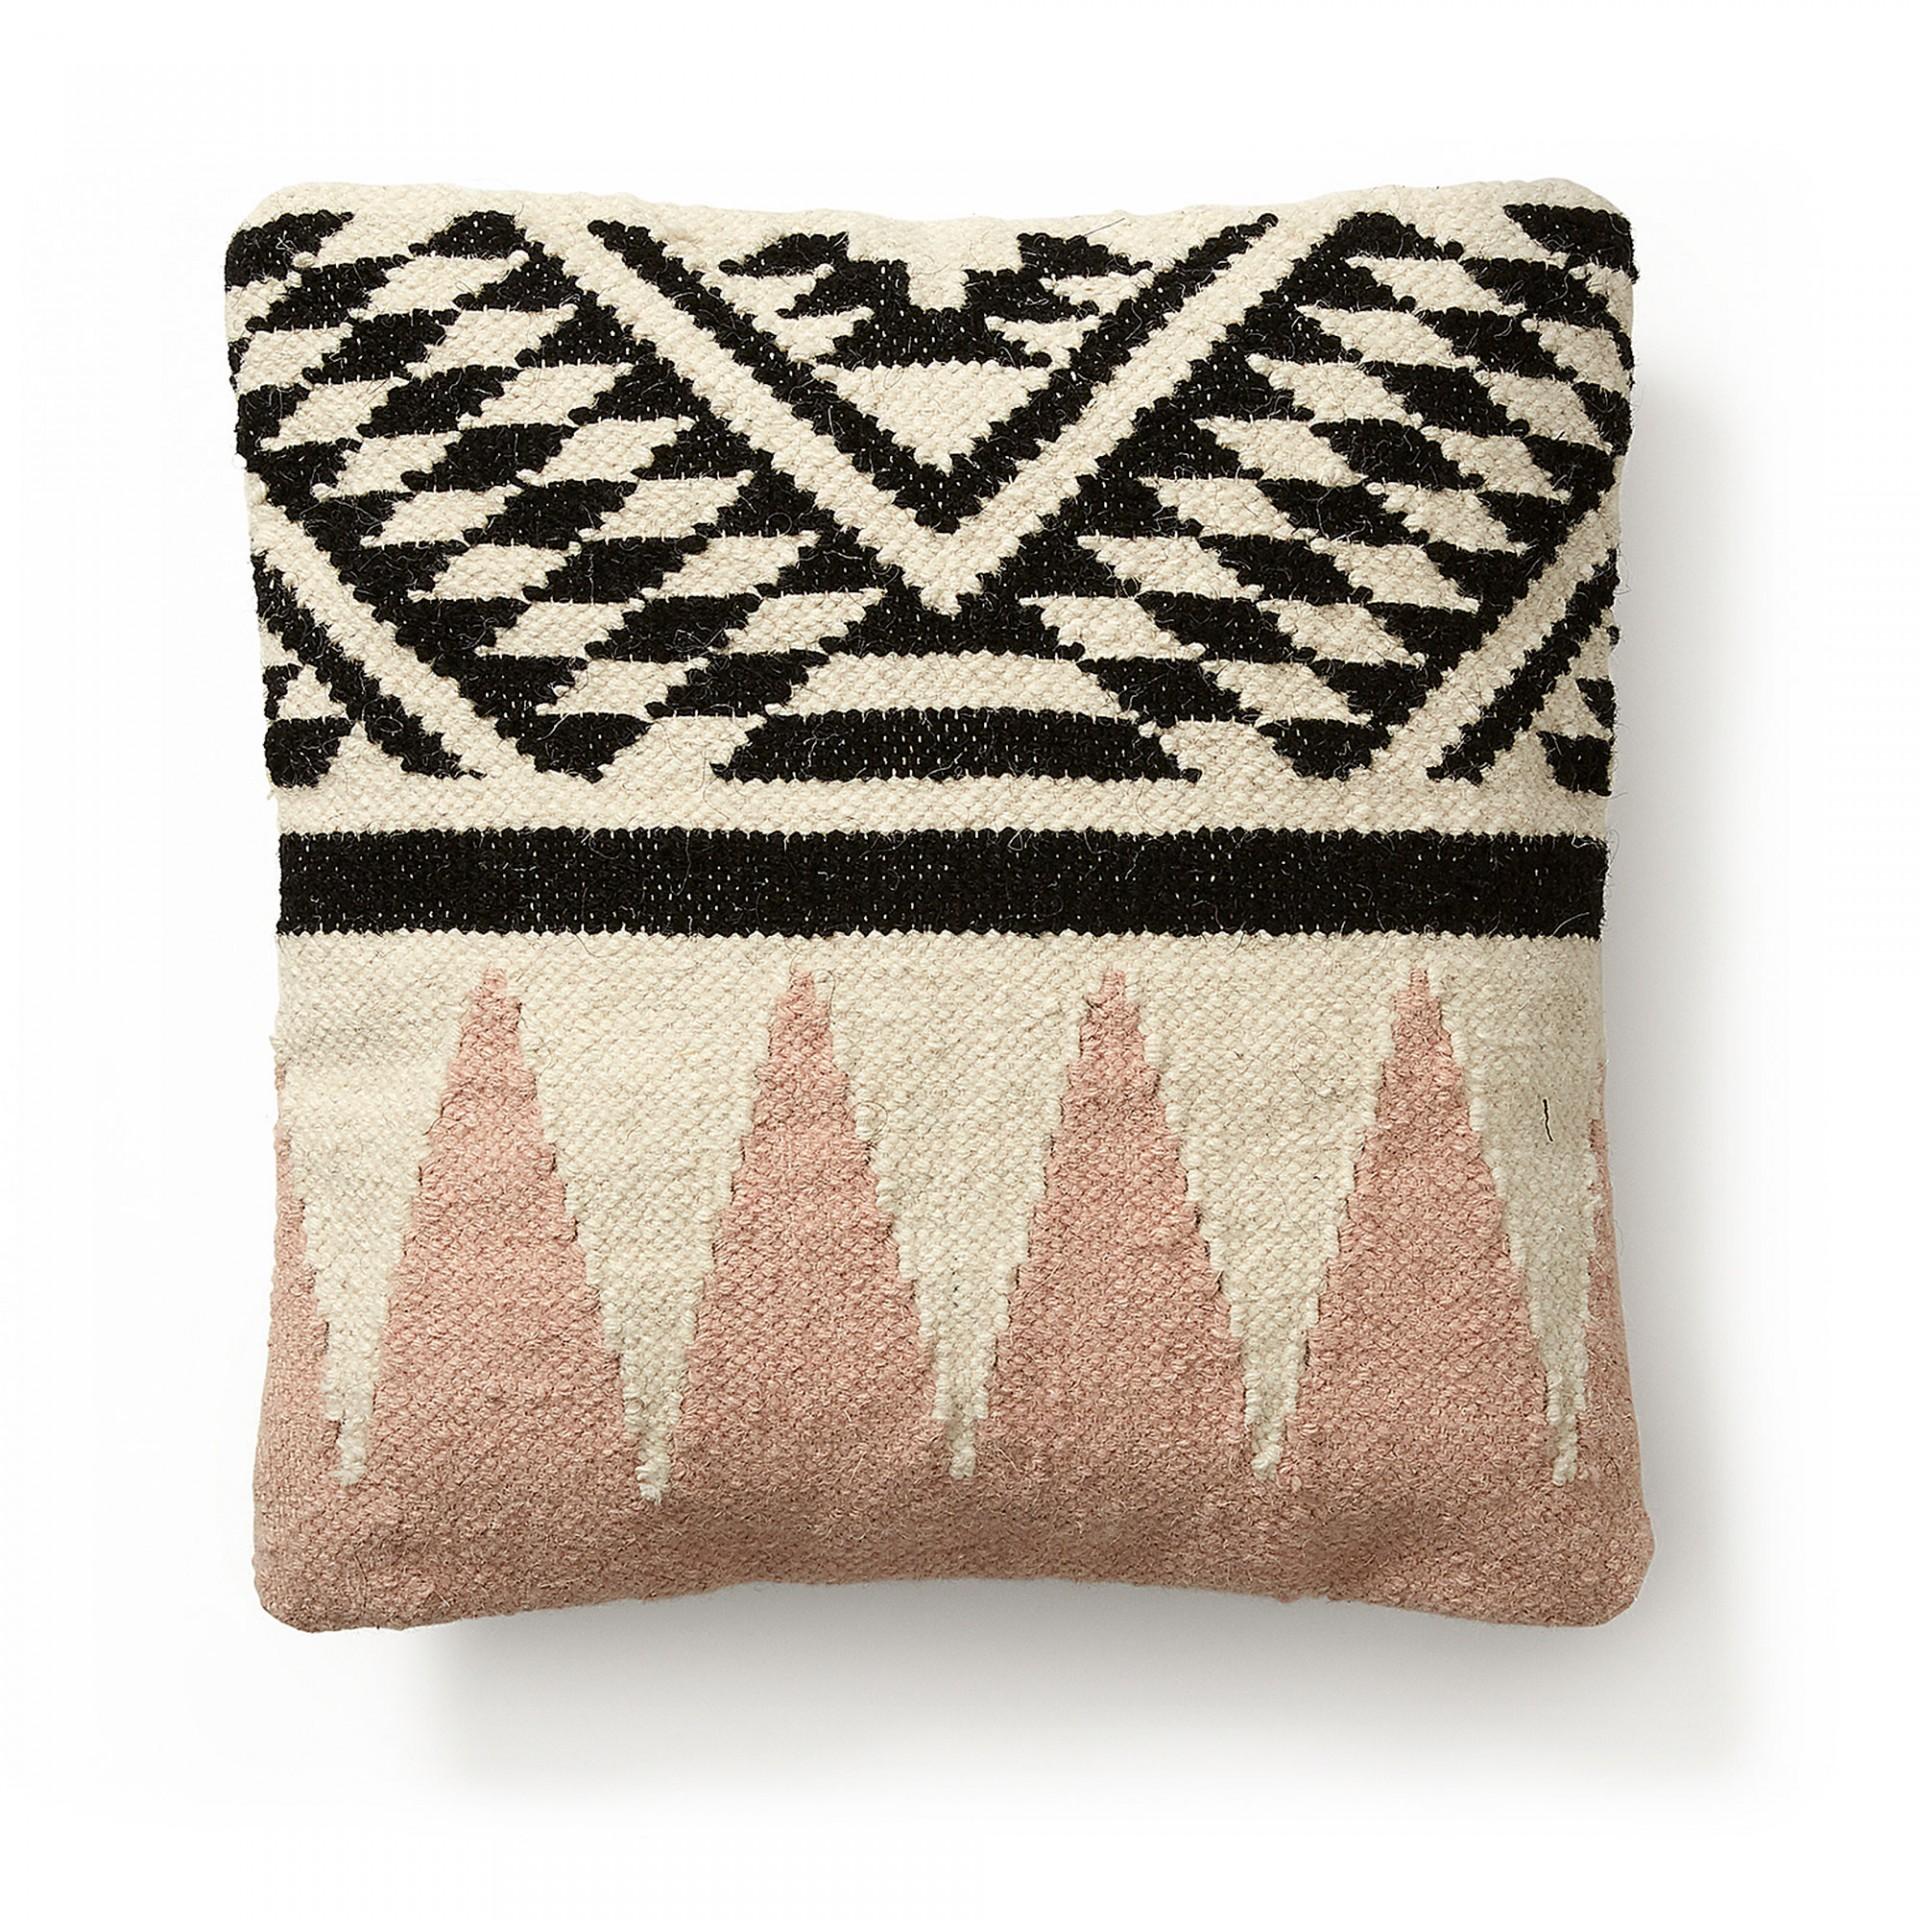 Capa de almofada Fred, algodão, 45x45 cm